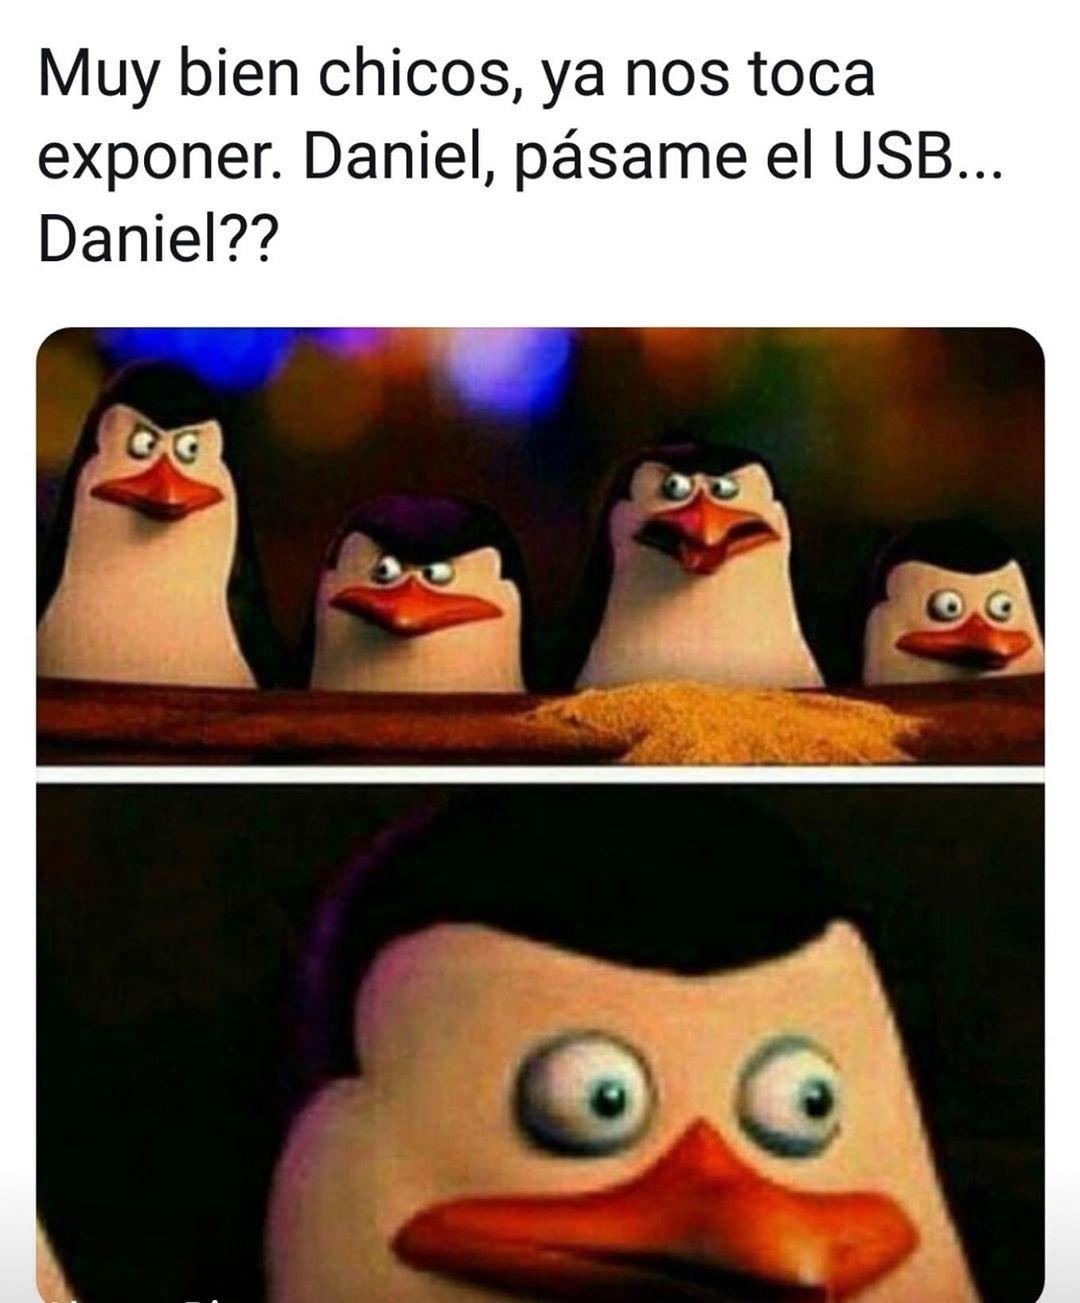 Muy bien chicos, ya nos toca exponer. Daniel, pásame el USB... Daniel??